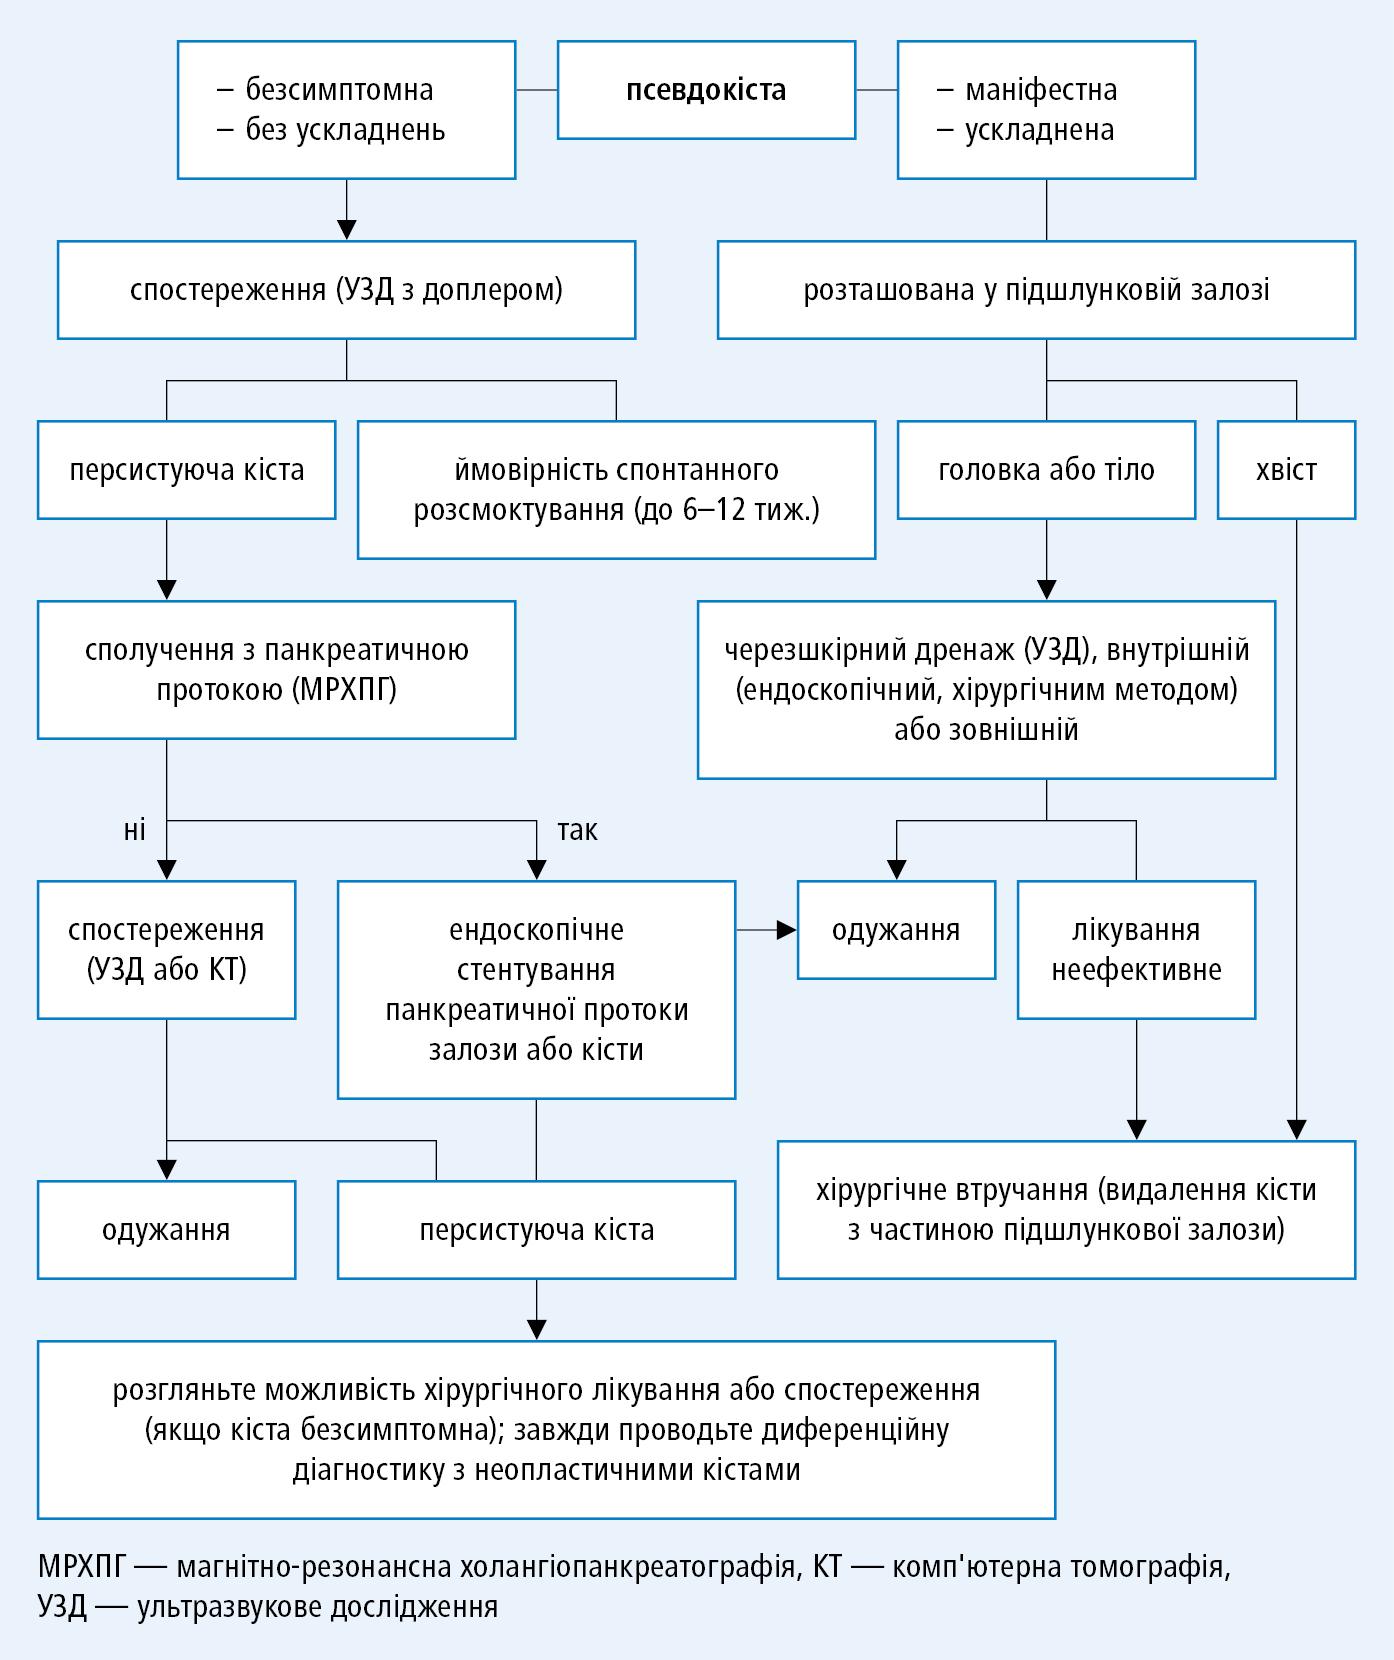 Алгоритм лікування псевдокіст підшлункової залози